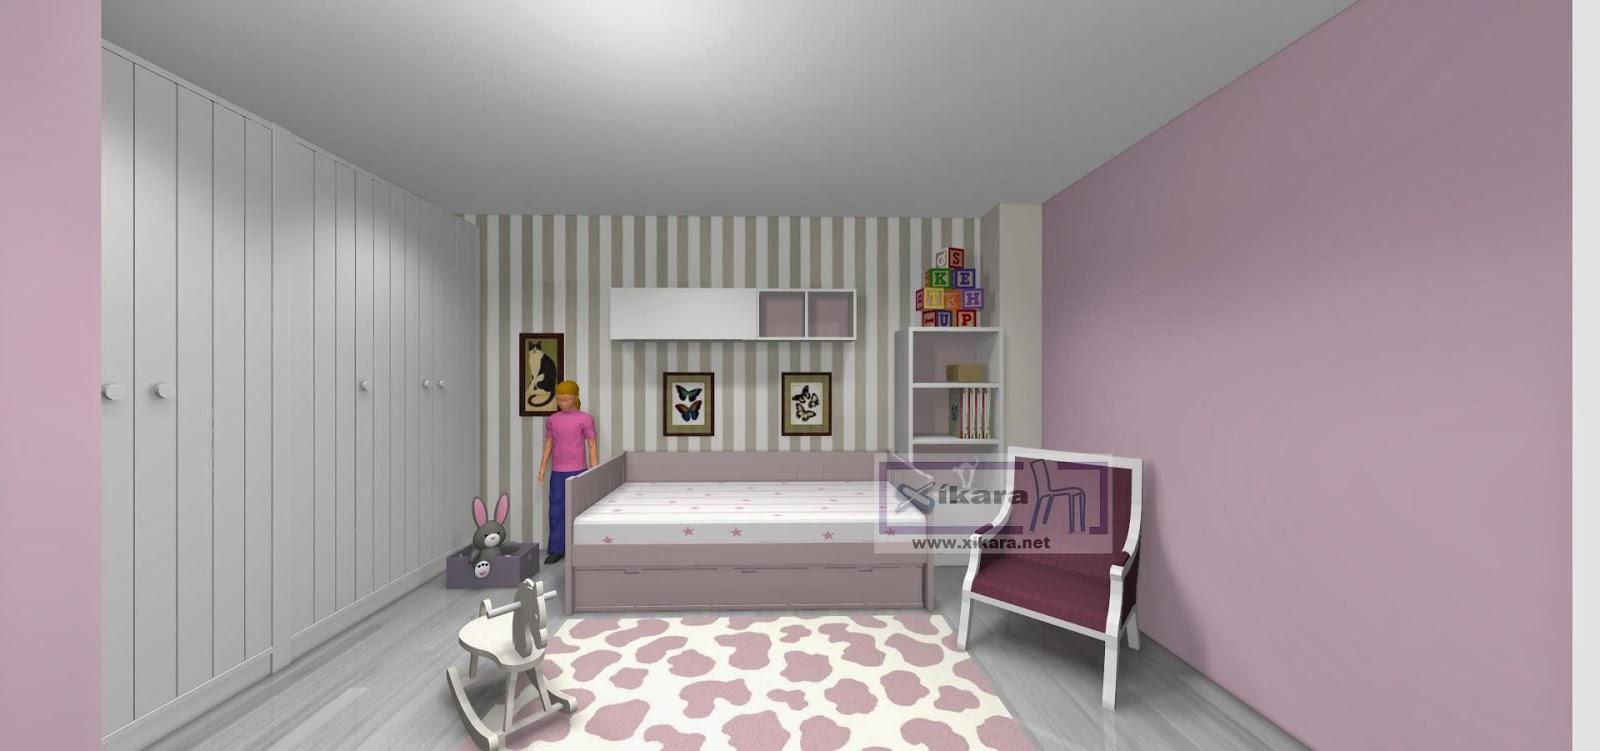 Decoracion Dormitorio Juvenil Mujer Elegant Dormitorios Juveniles  ~ Decoracion De Dormitorios Para Mujeres